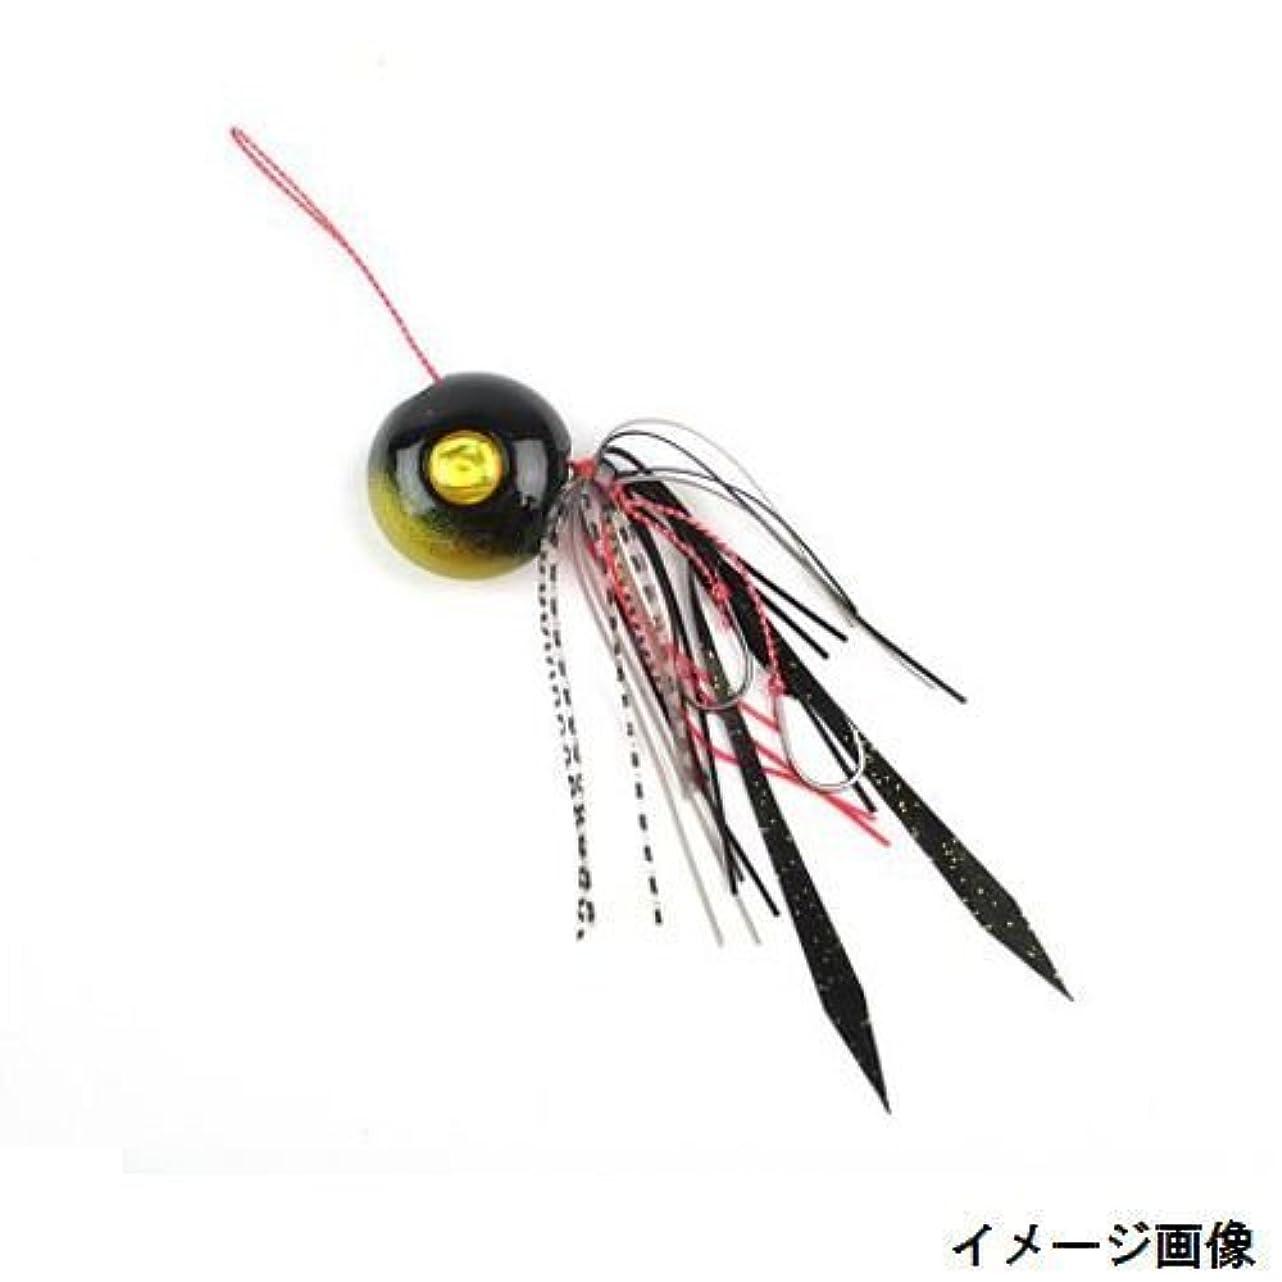 ハーネス注釈を付ける企業ハヤブサ(Hayabusa) タイラバ 無双真鯛 フリースライド コンプリートモデル 12号 45g ブラックゴールド SE120